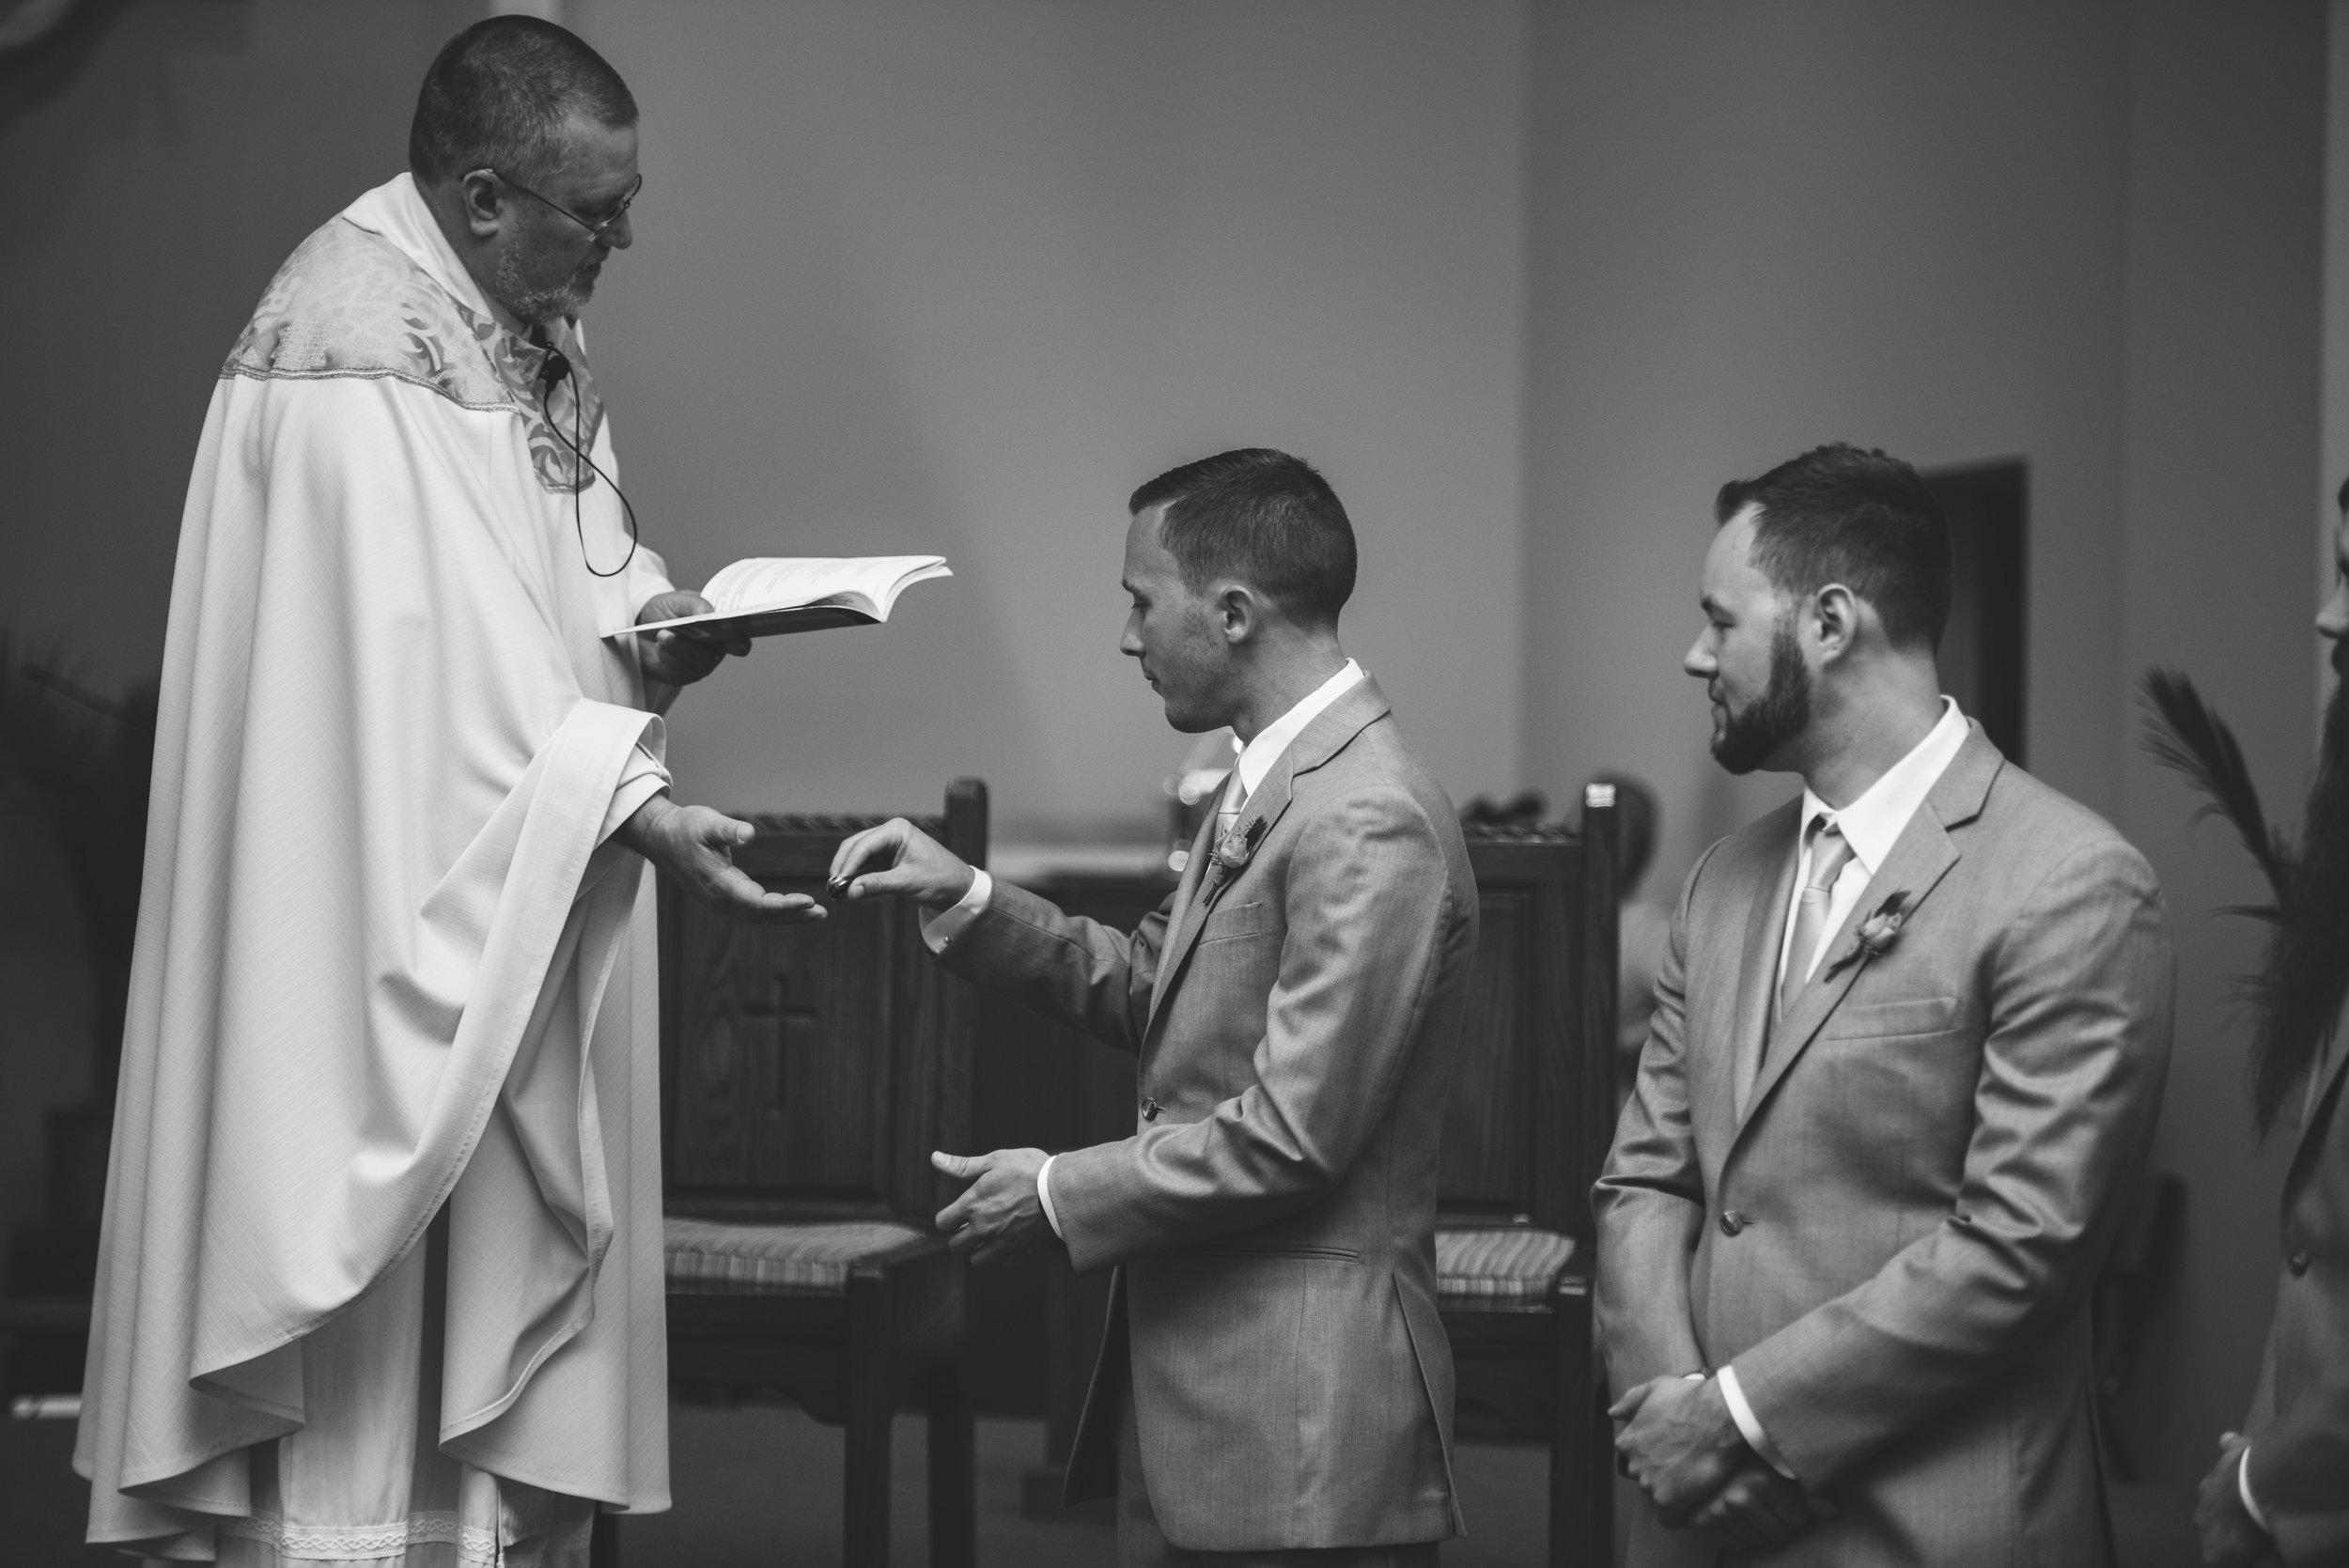 toledo wedding ceremony photos